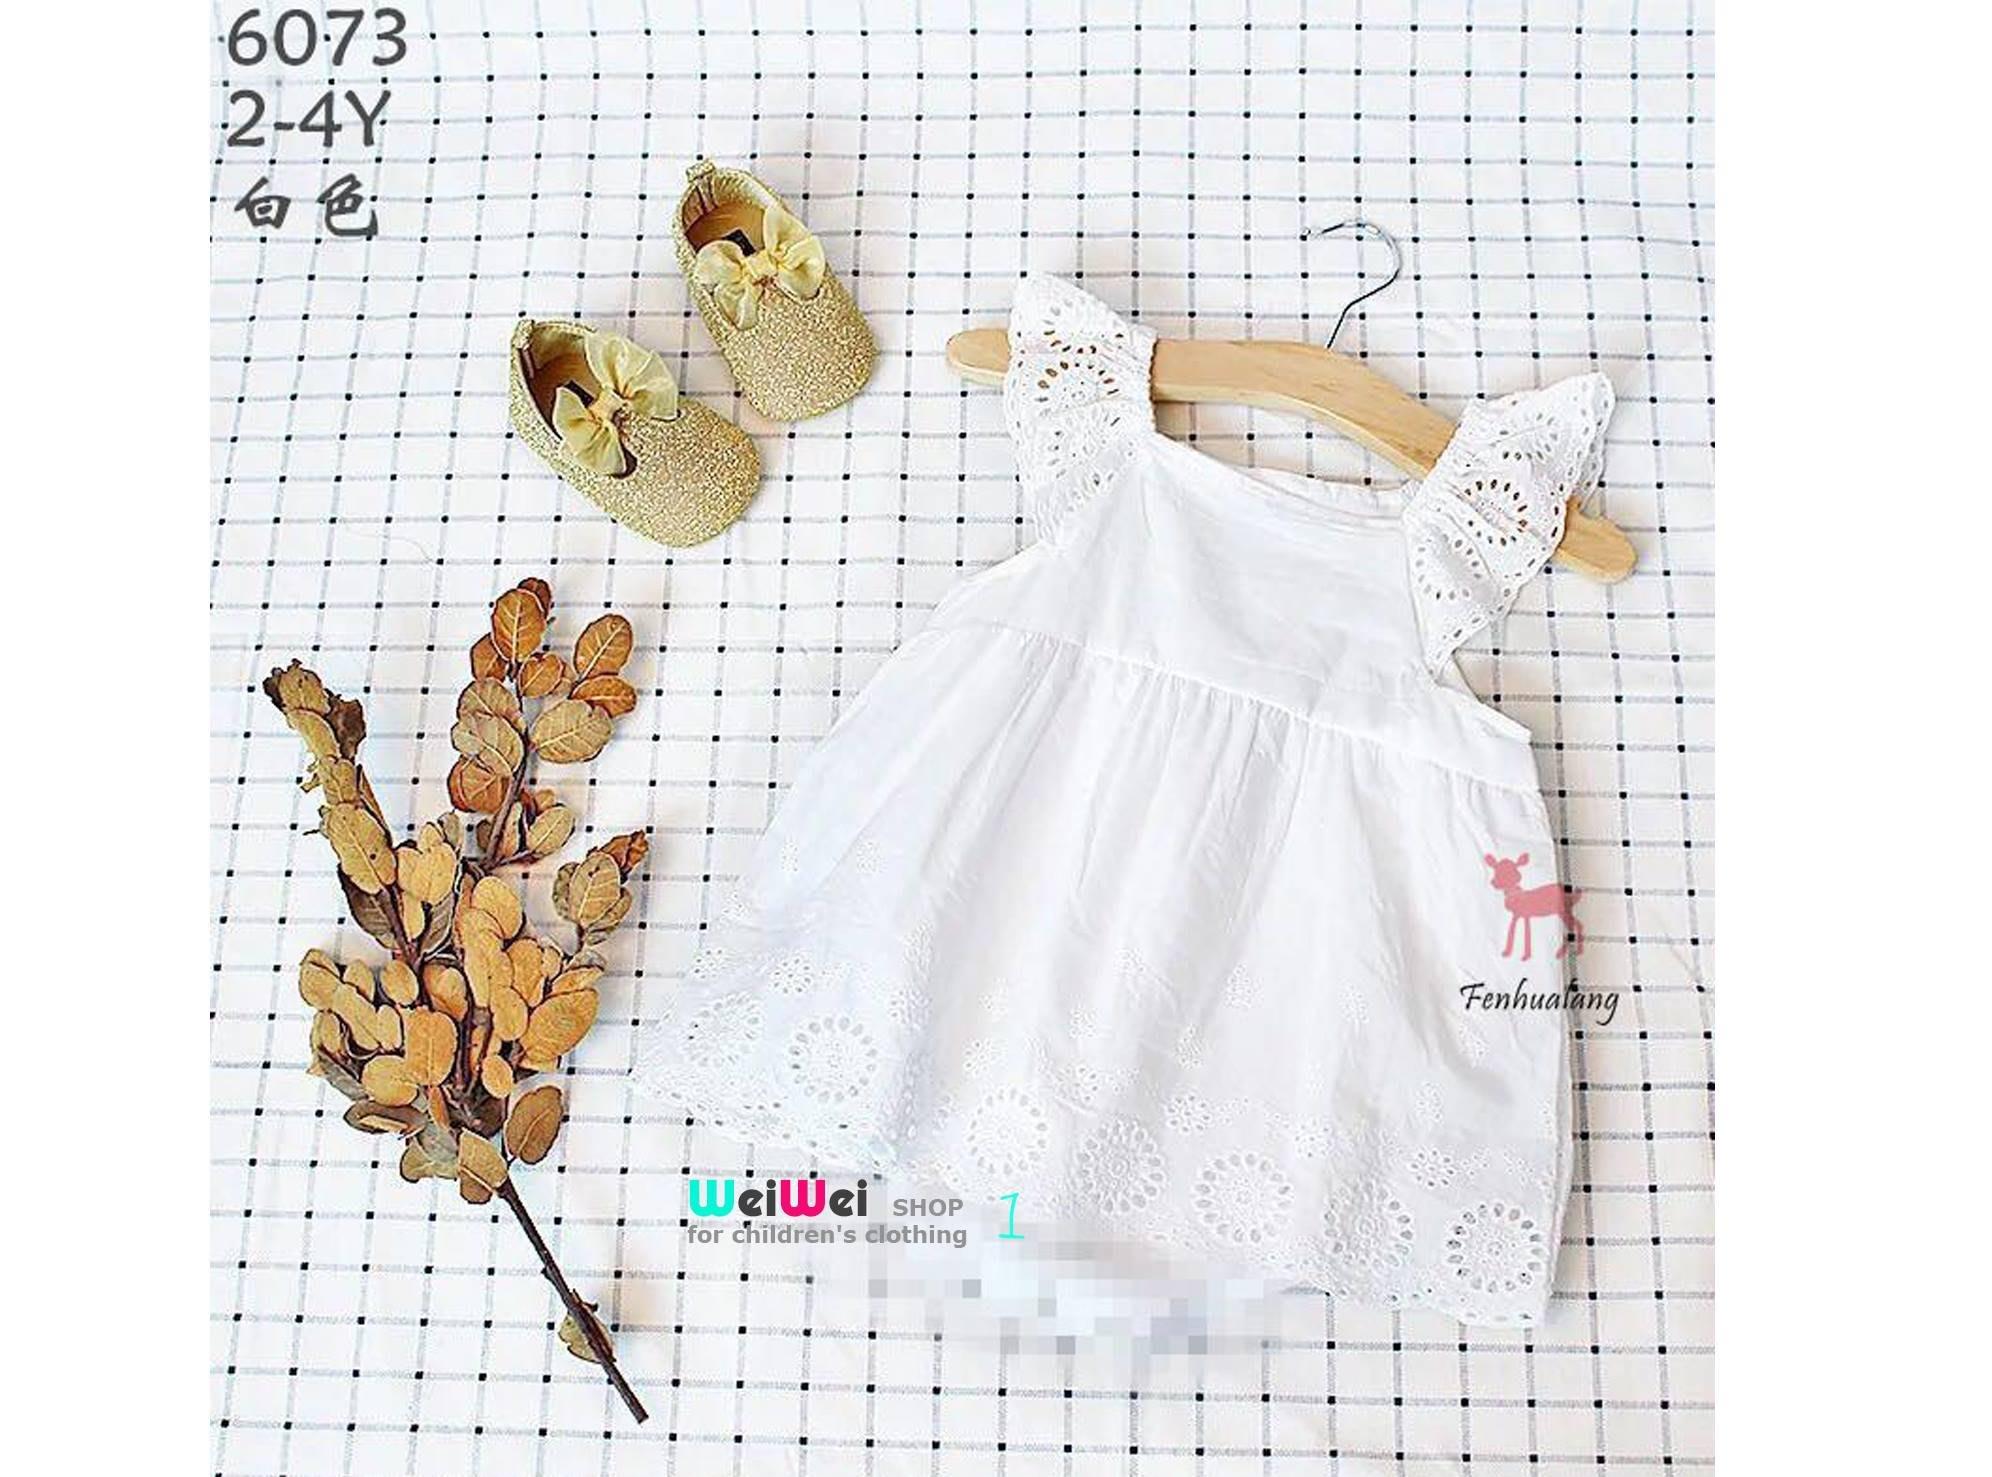 女寶 幼童款 白色無袖蕾絲邊平織緹花洋裝 70-80-90 白色